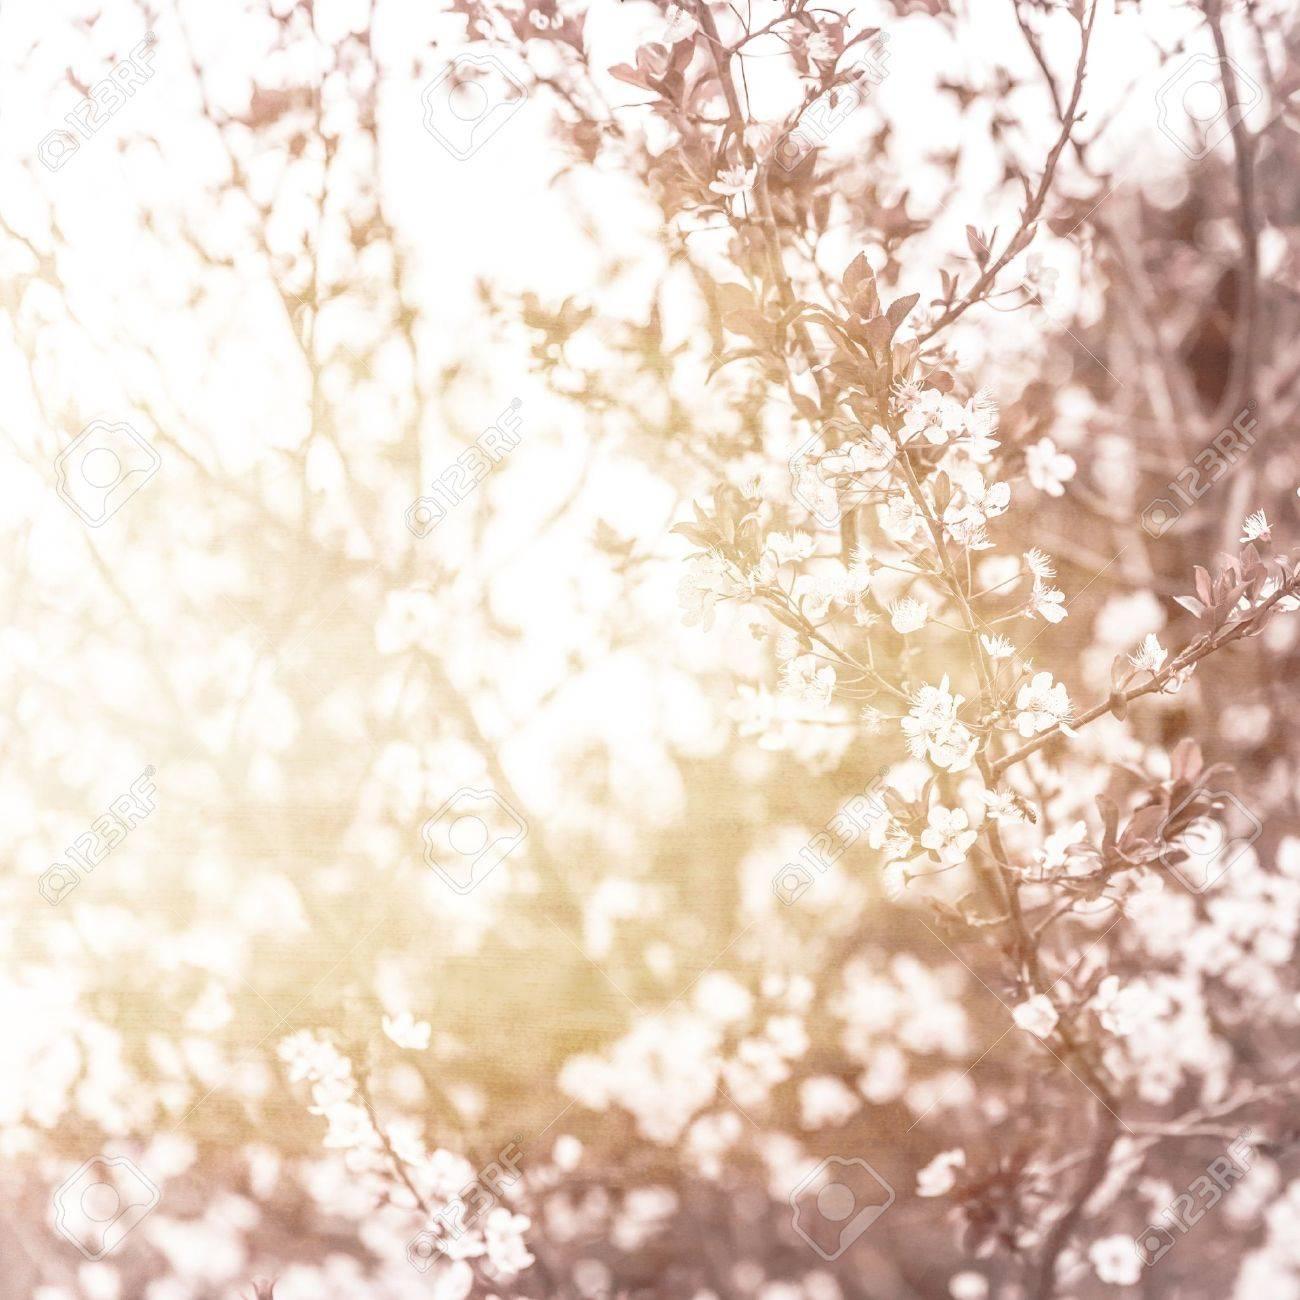 美しい桜 抽象的な背景が自然 美術 写真春の木の枝に小さな白い花の